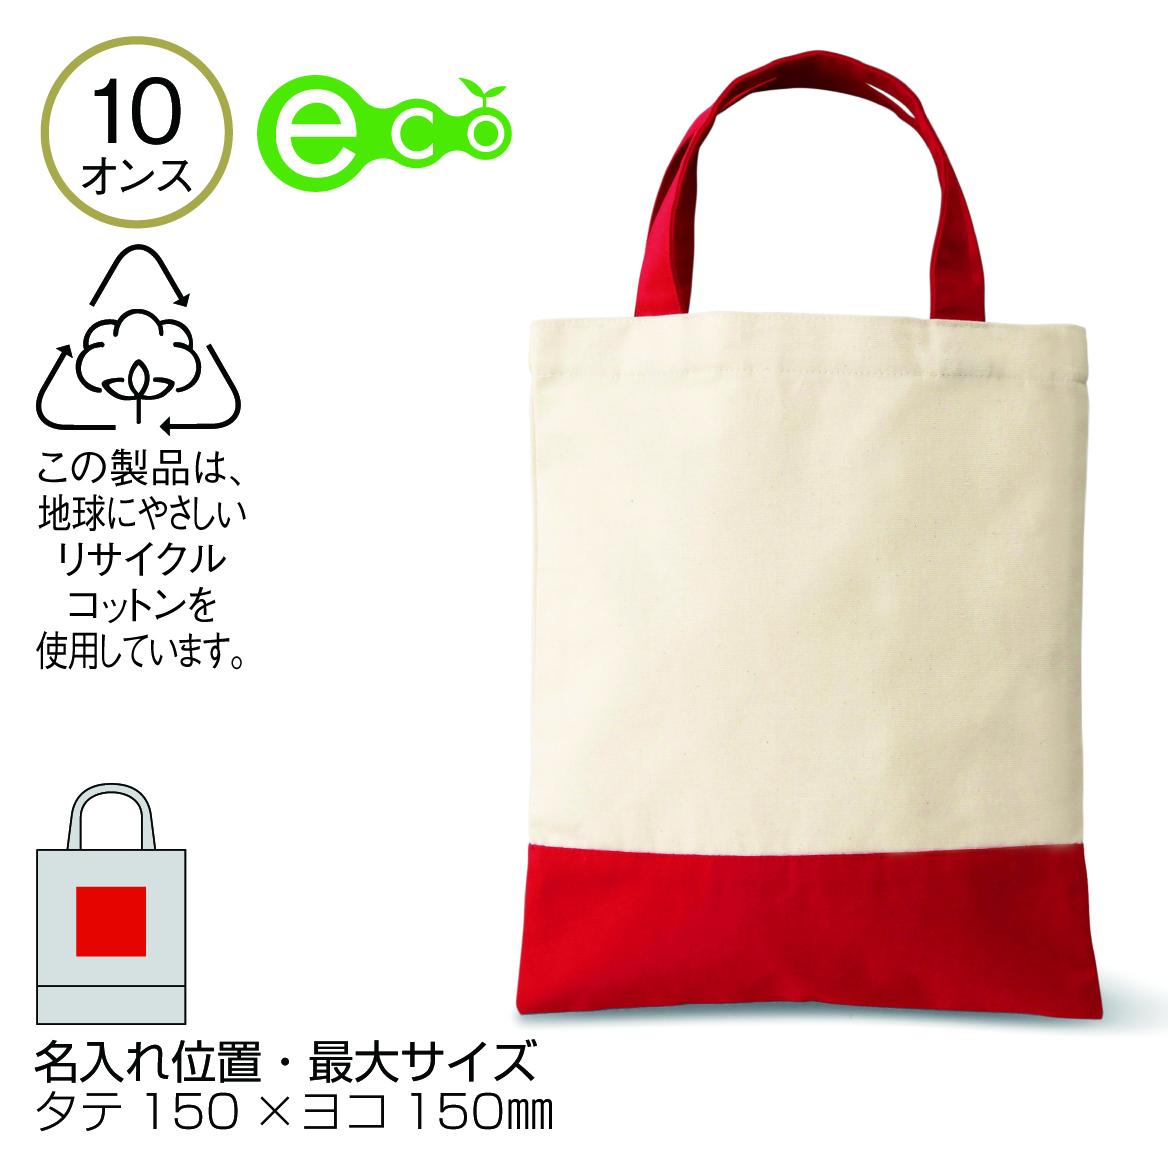 セルトナ・リサイクルコットンA4トート(レッド)